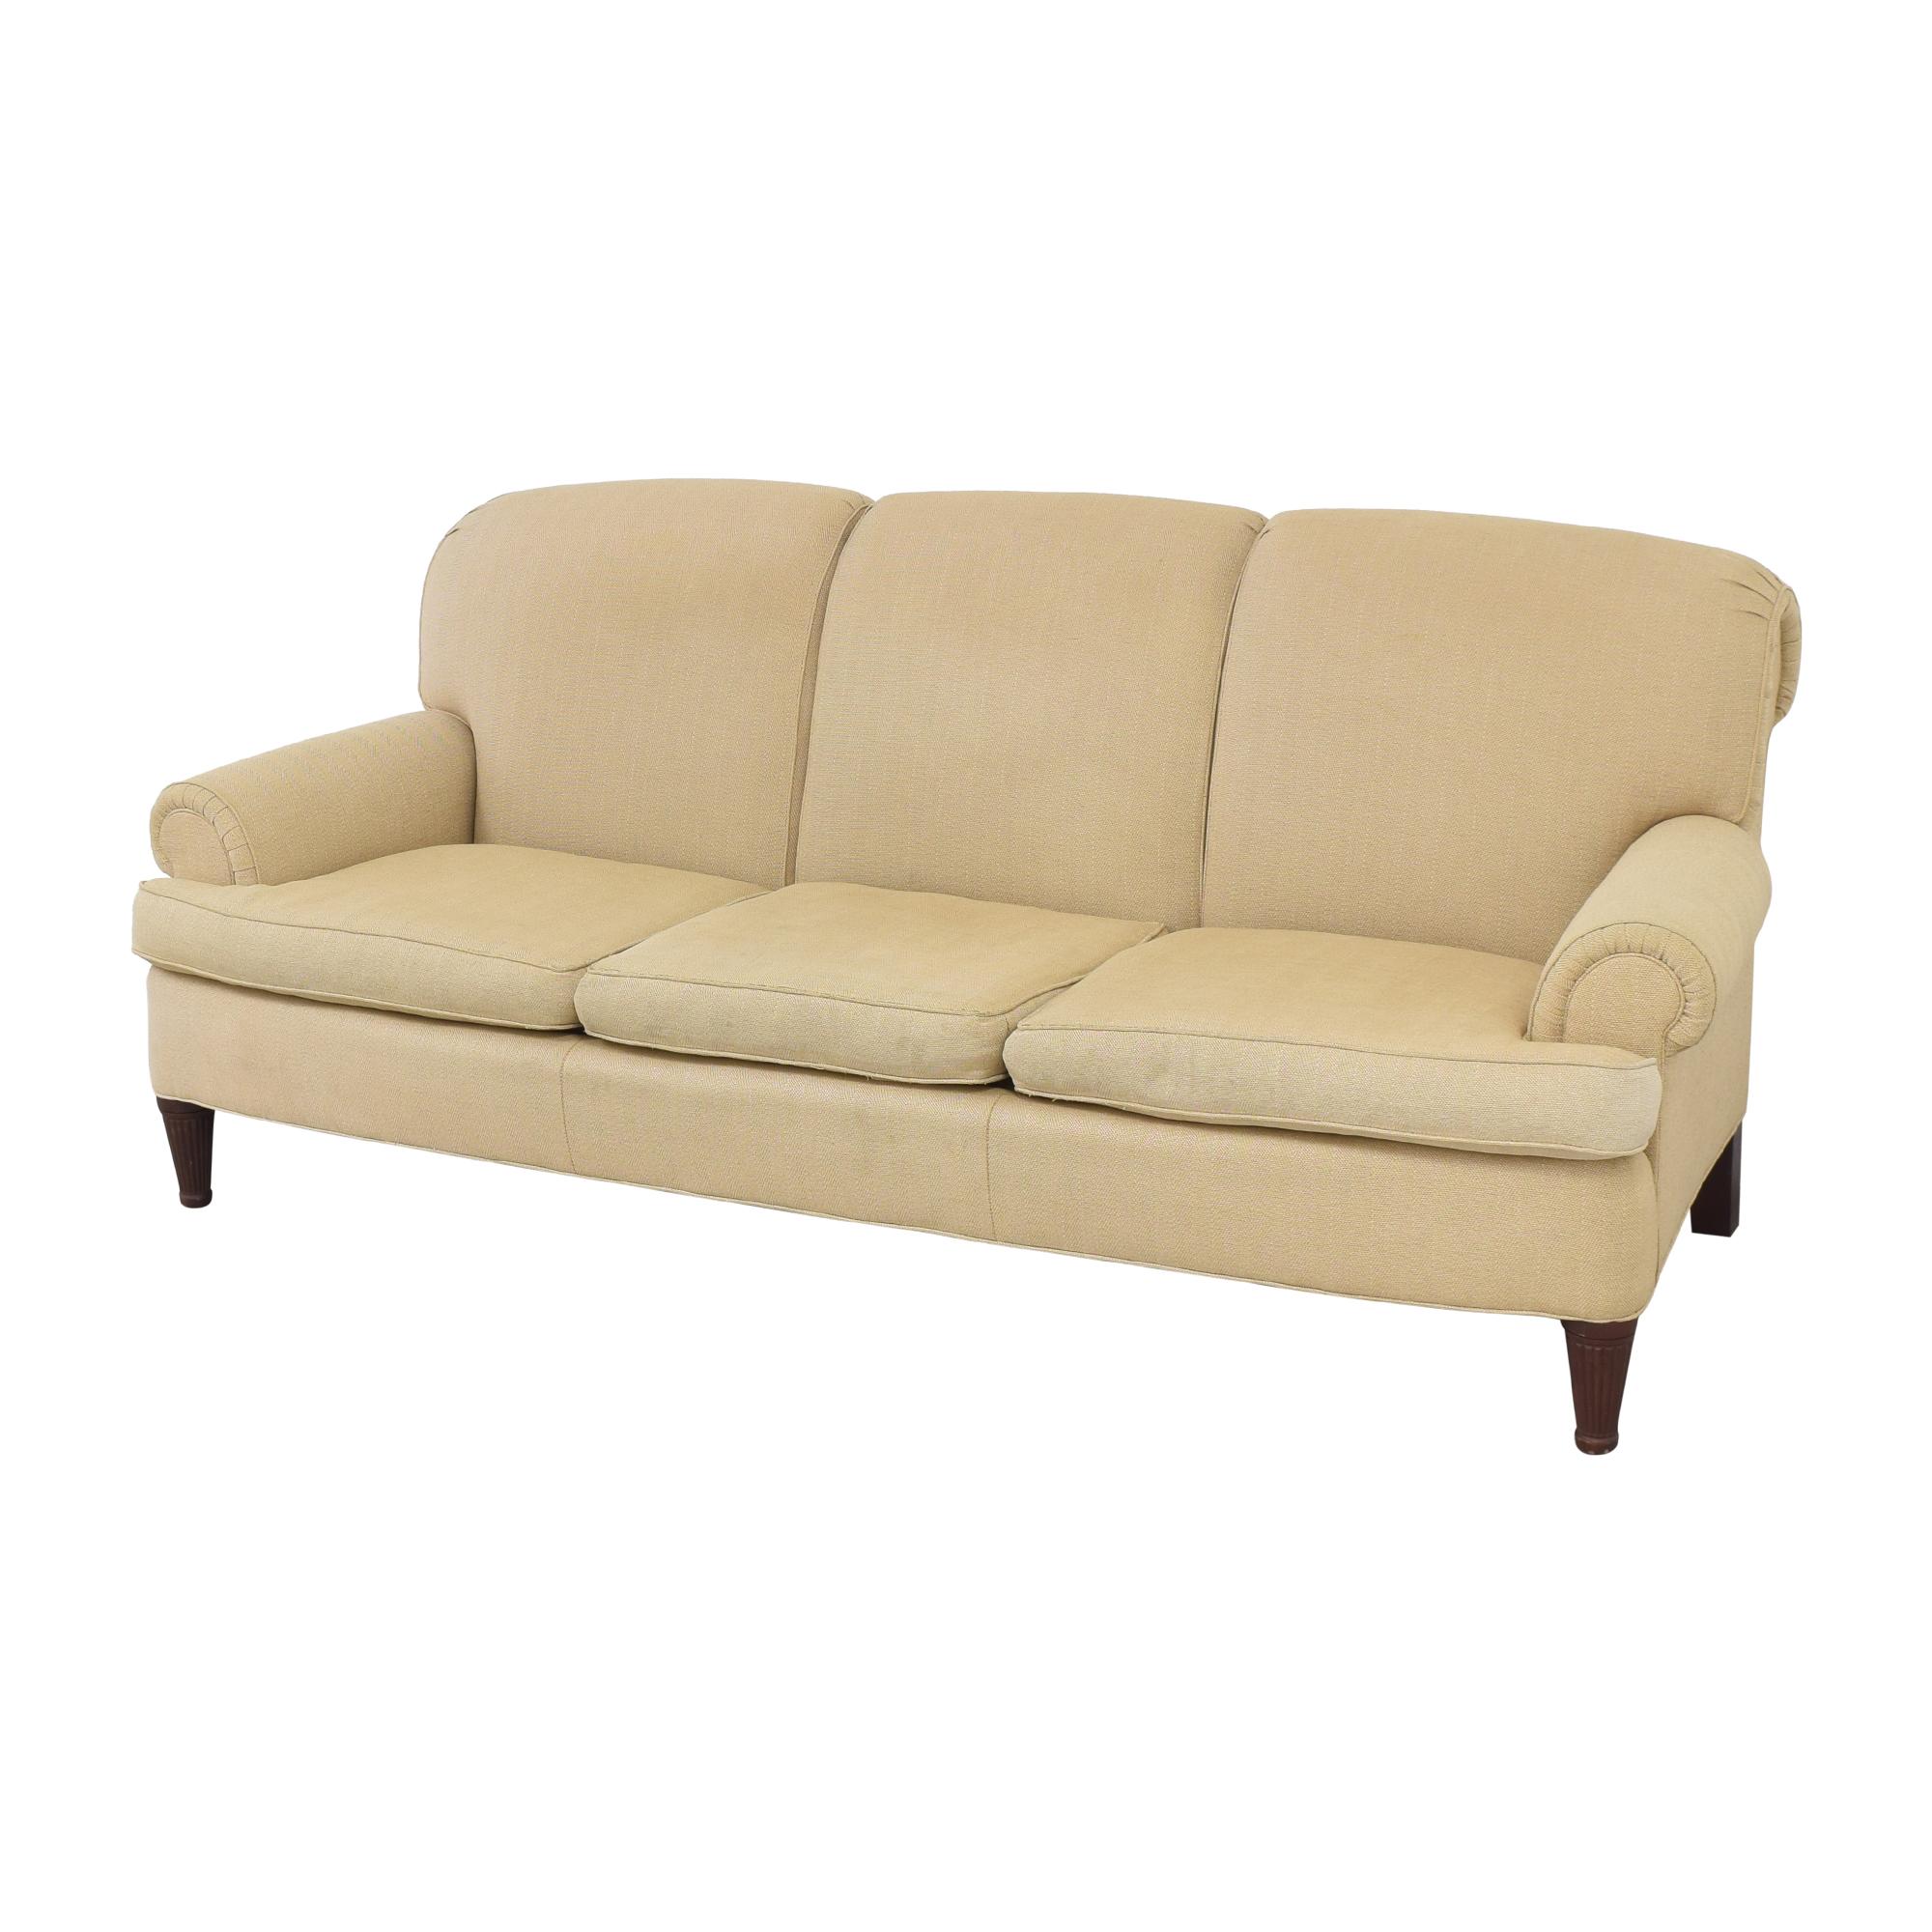 Ralph Lauren Home Ralph Lauren Upholstered Roll Arm Sofa second hand